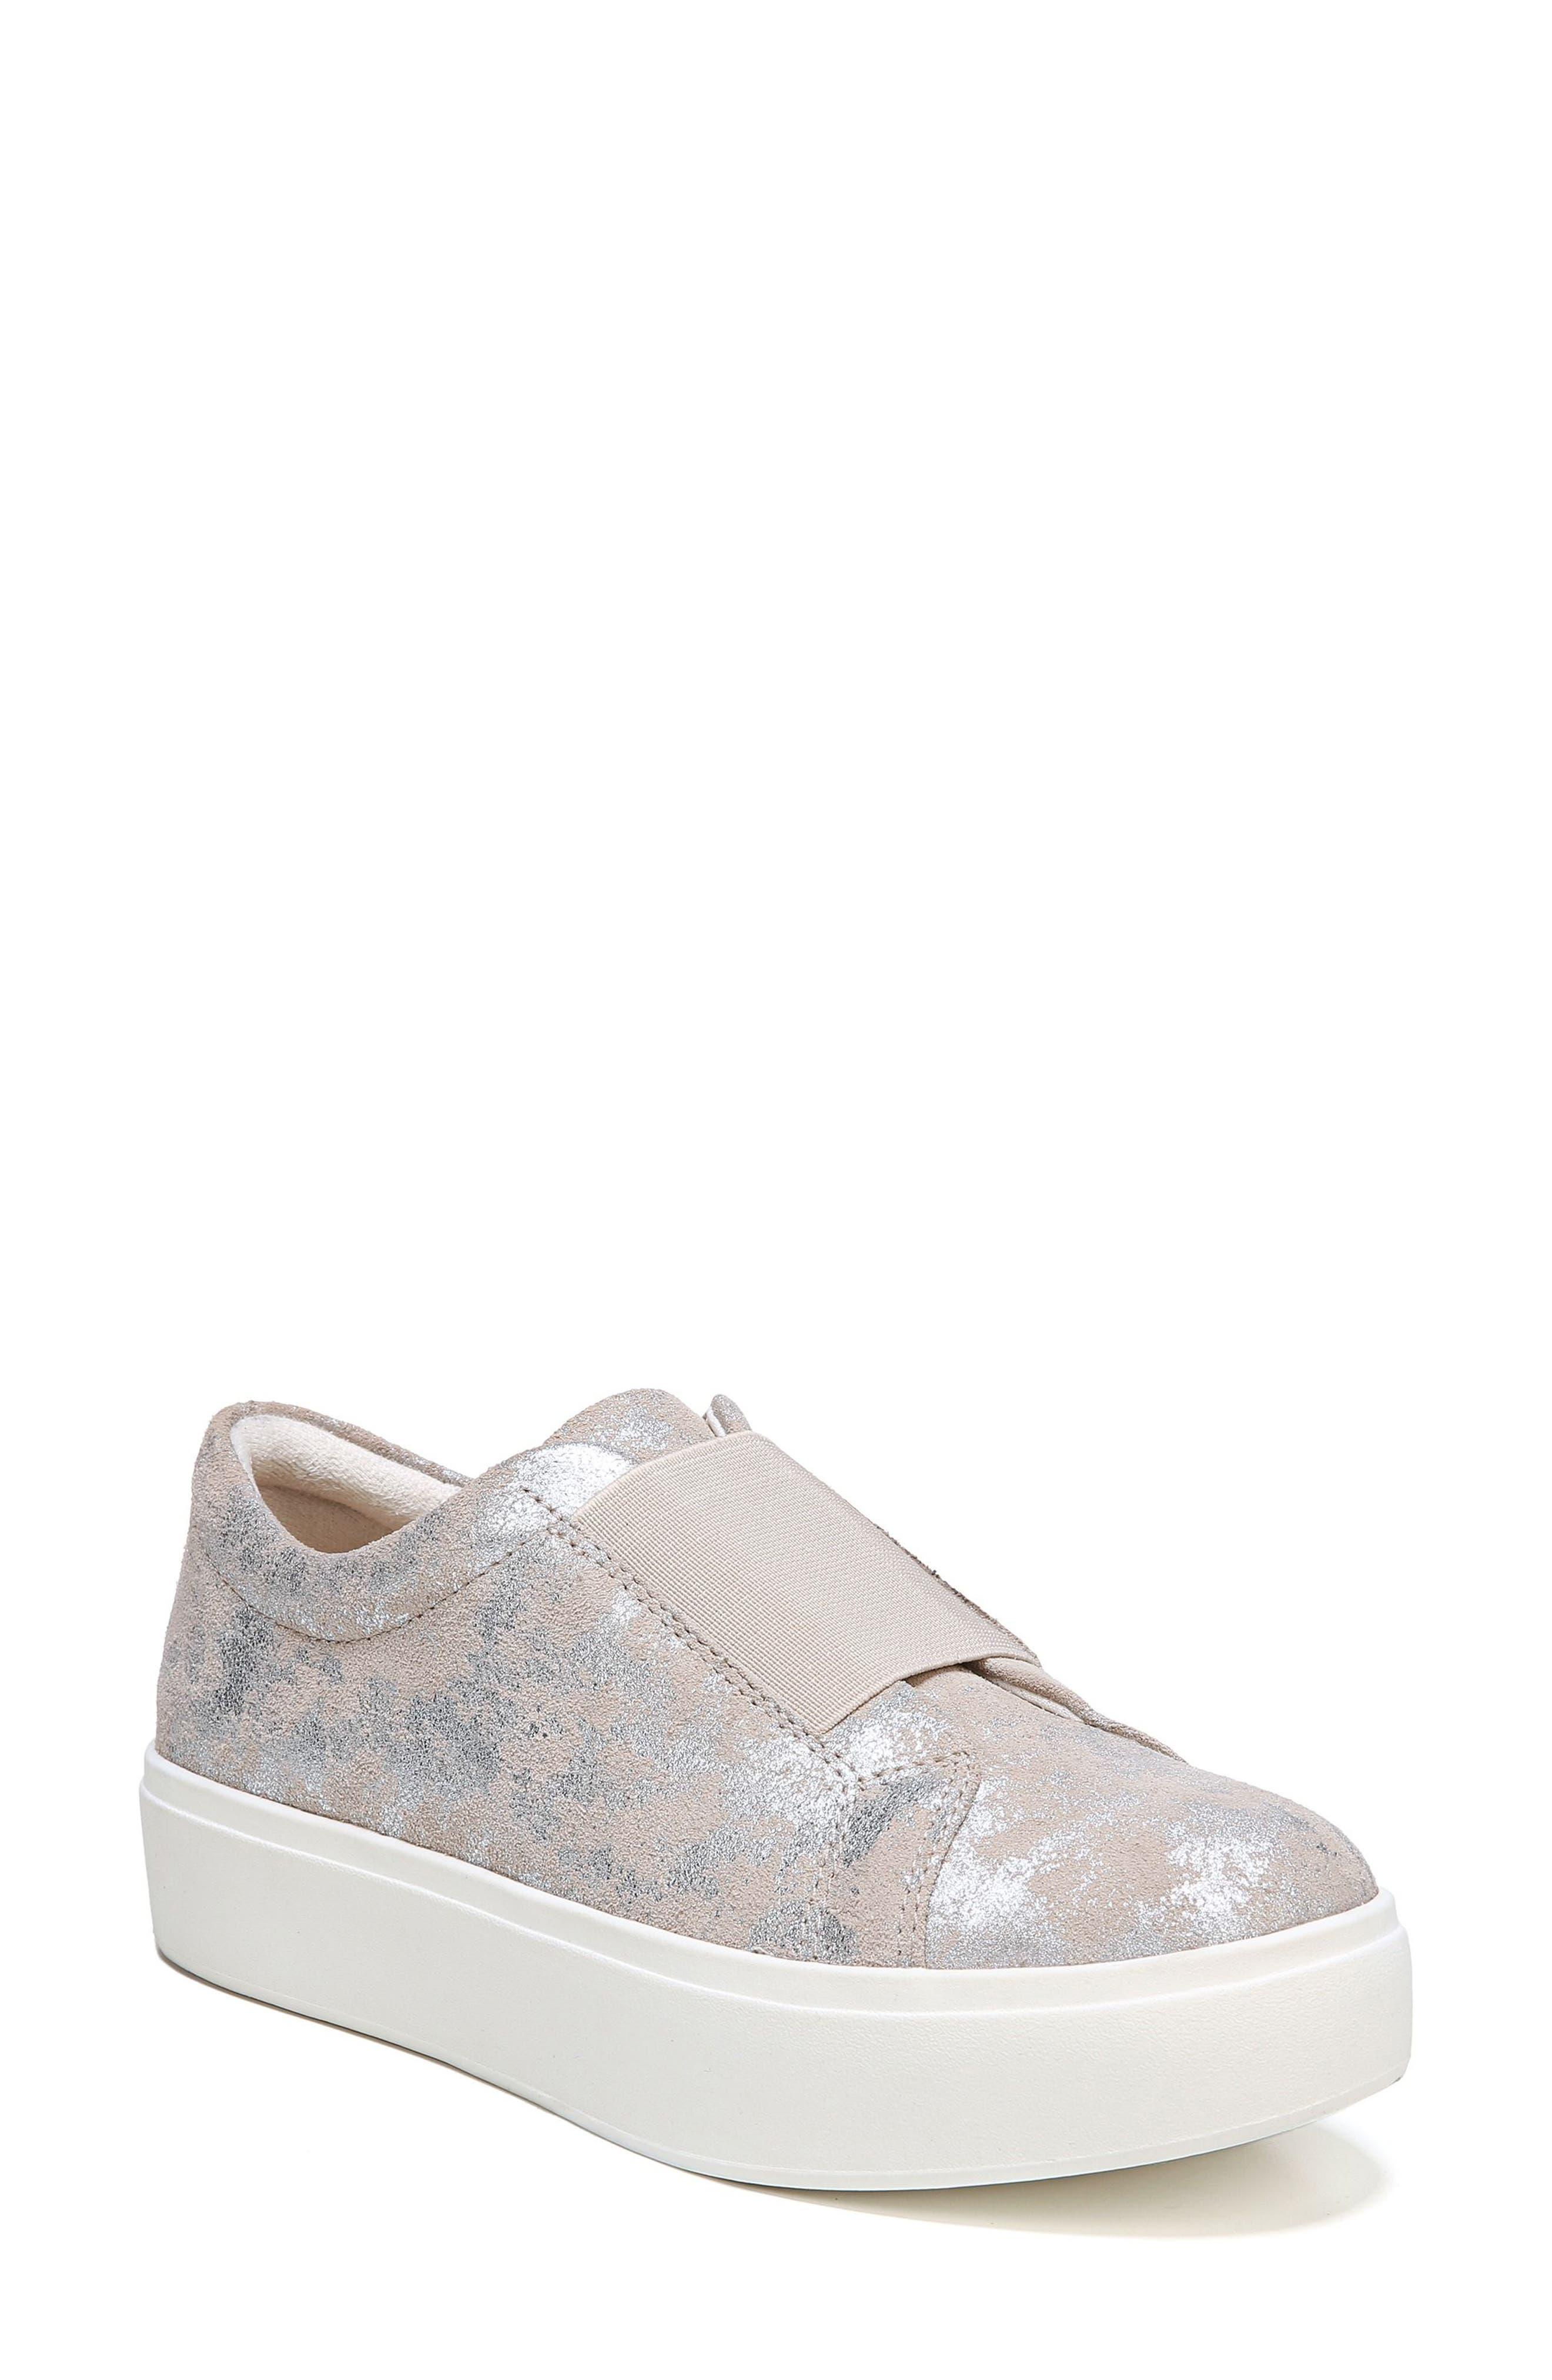 Abbot Slip-On Sneaker,                         Main,                         color,